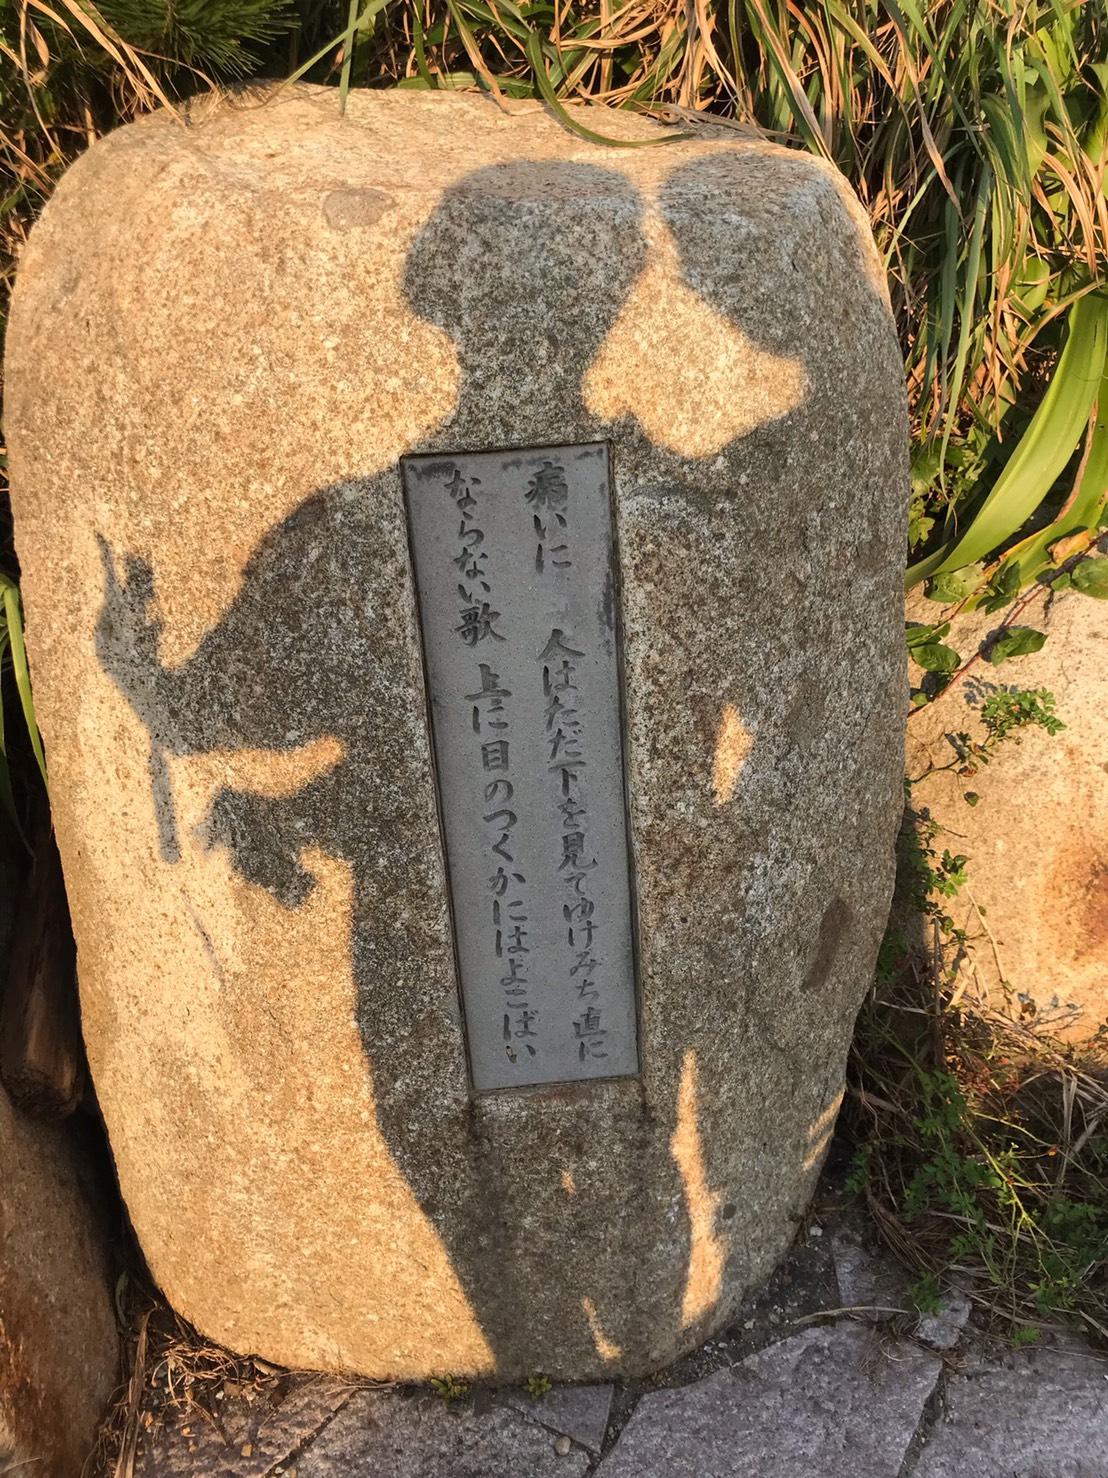 愛知県 伊良湖岬 渥美半島